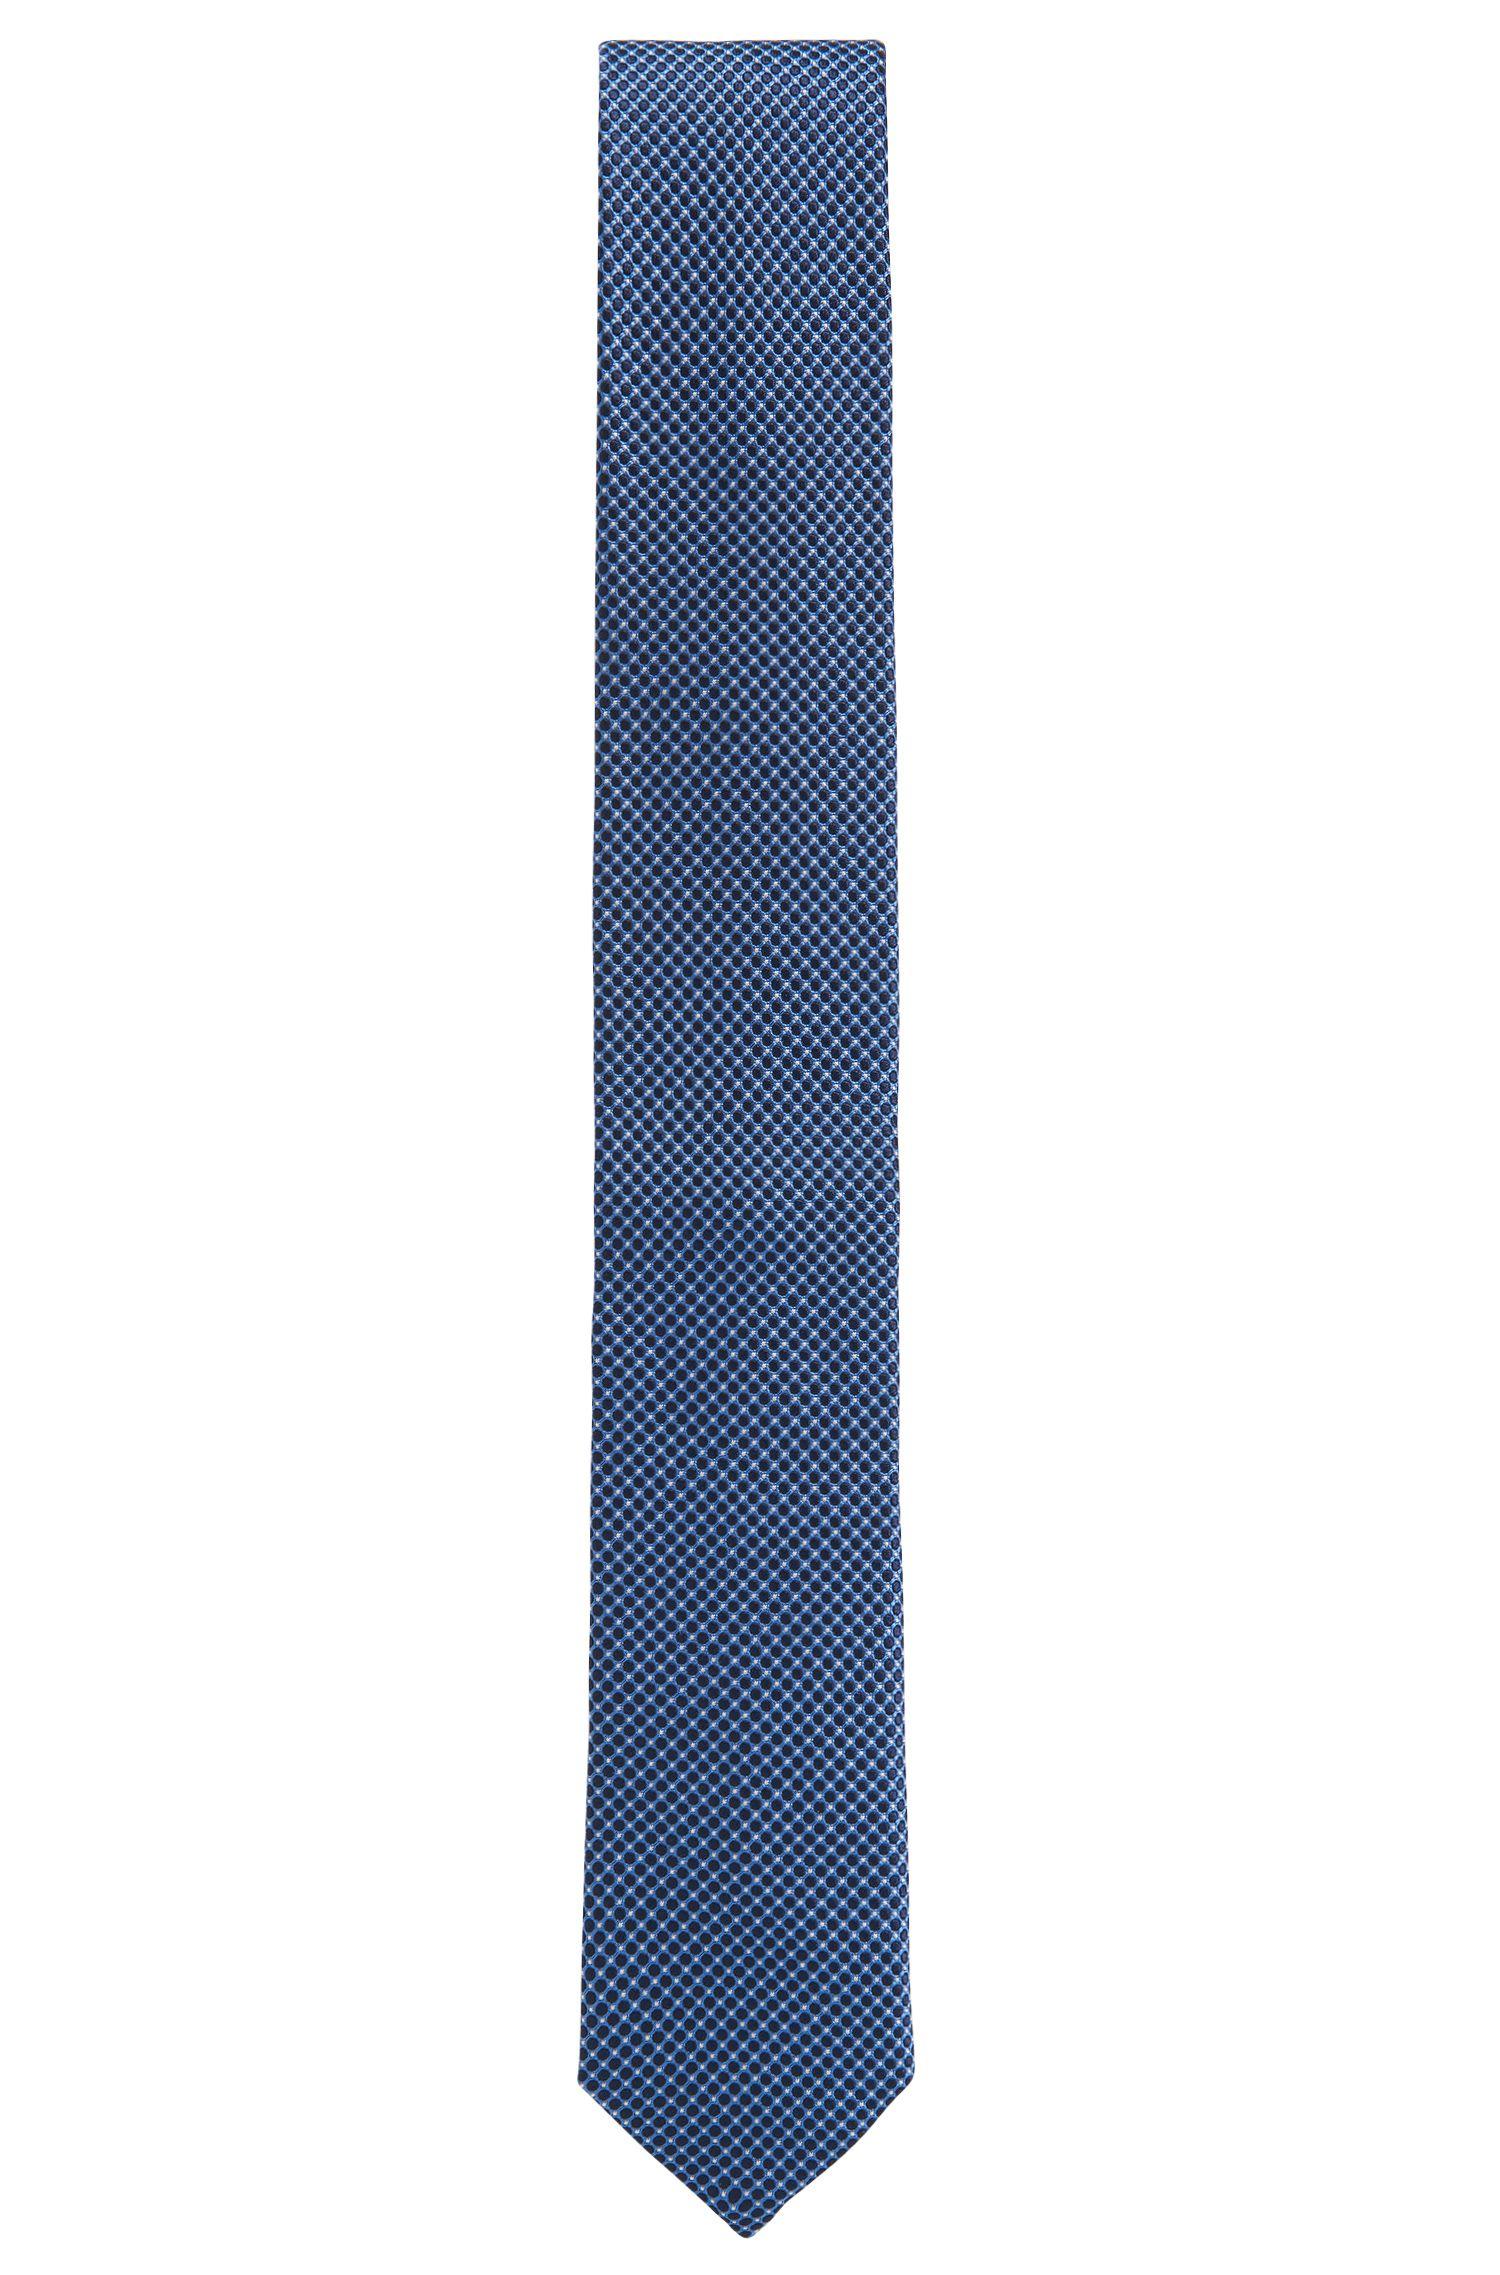 Cravate en jacquard de soie confectionnée en Italie, à micromotif